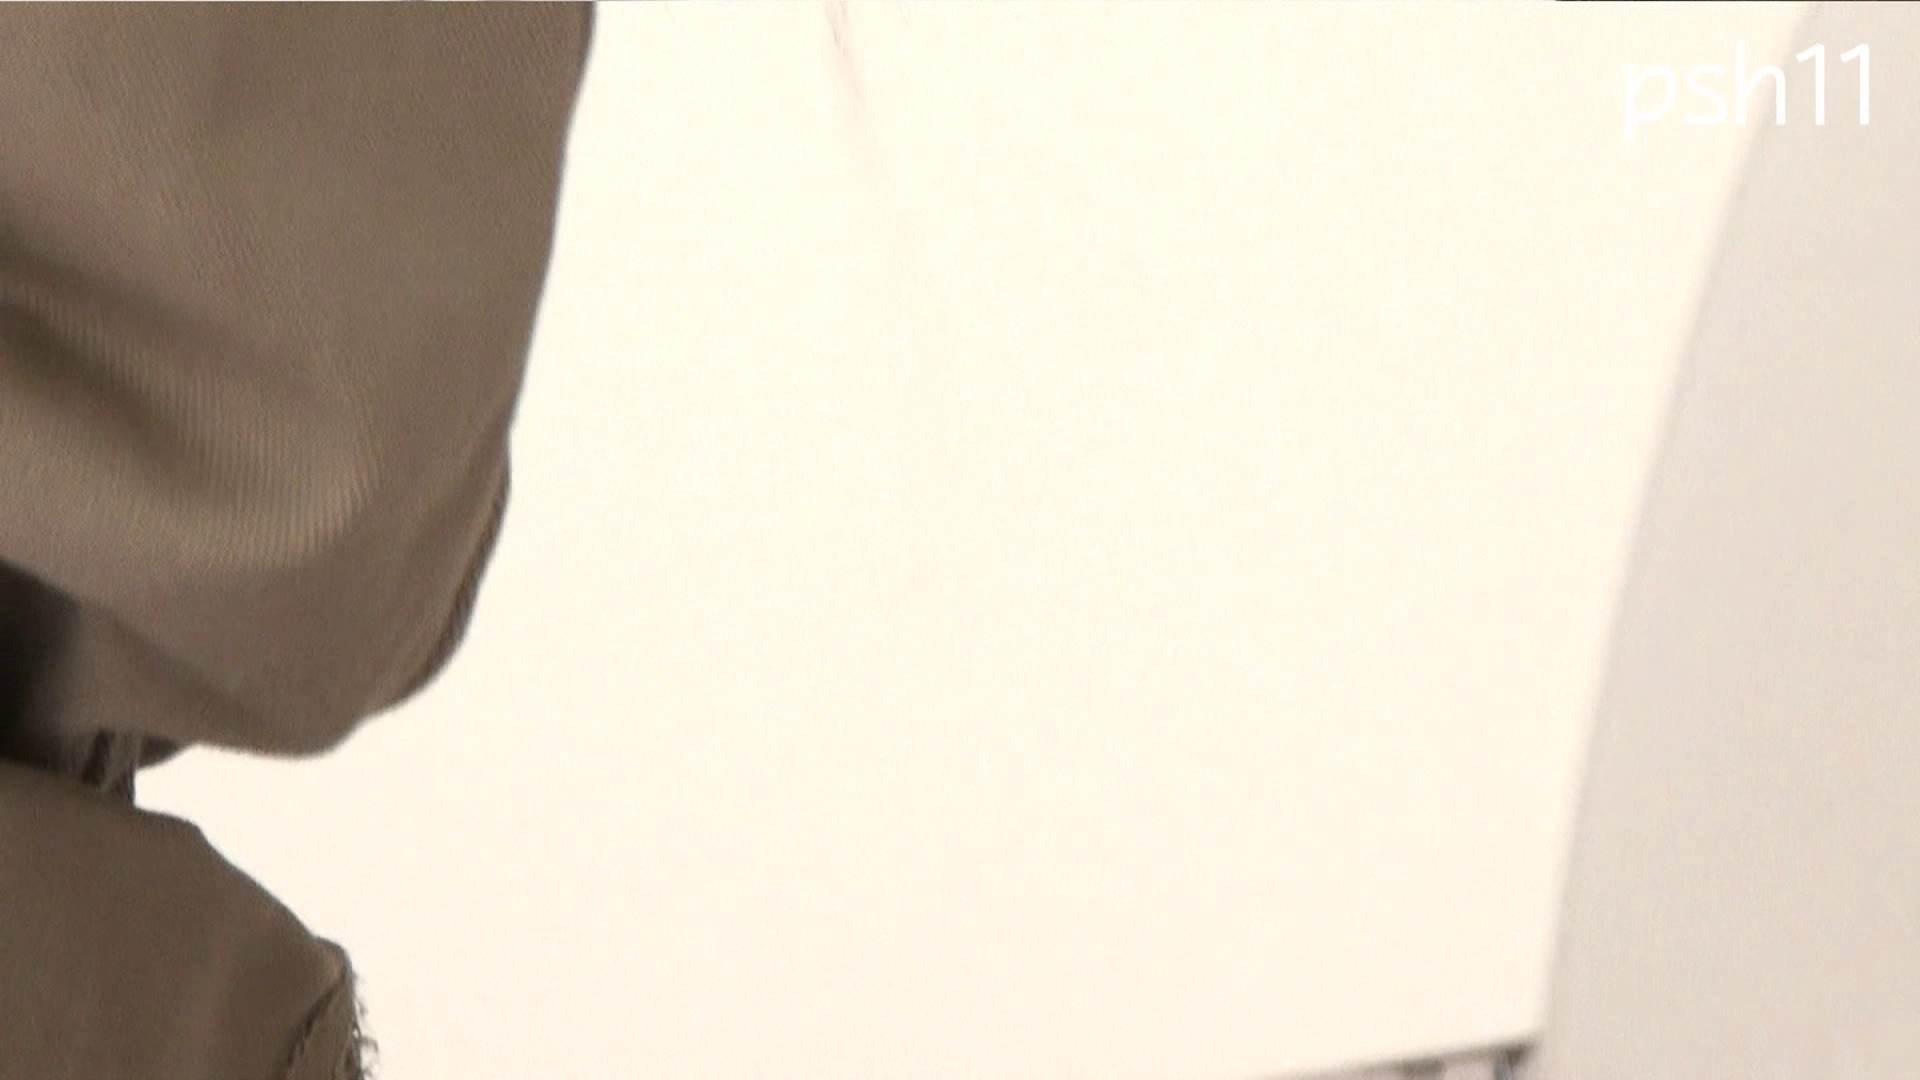 ▲復活限定▲ハイビジョン 盗神伝 Vol.11 ギャル攻め  103画像 75